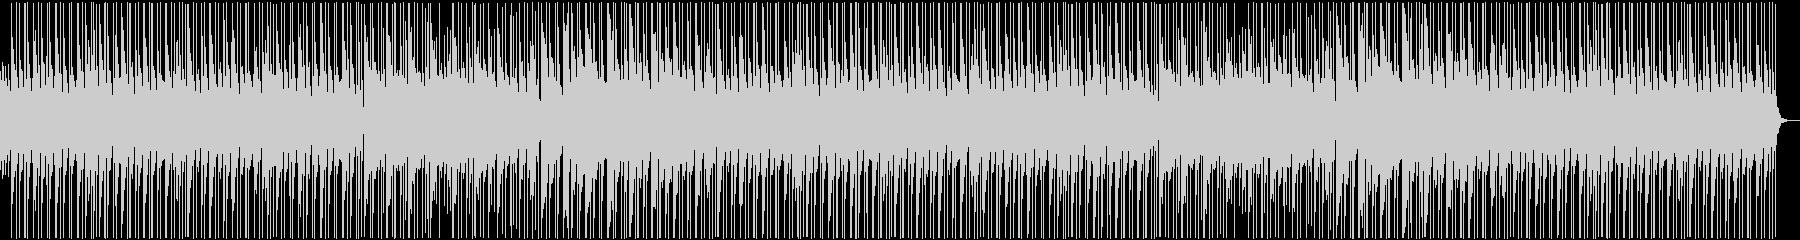 お正月 和風 神社仏閣 ピアノ ジブリ風の未再生の波形